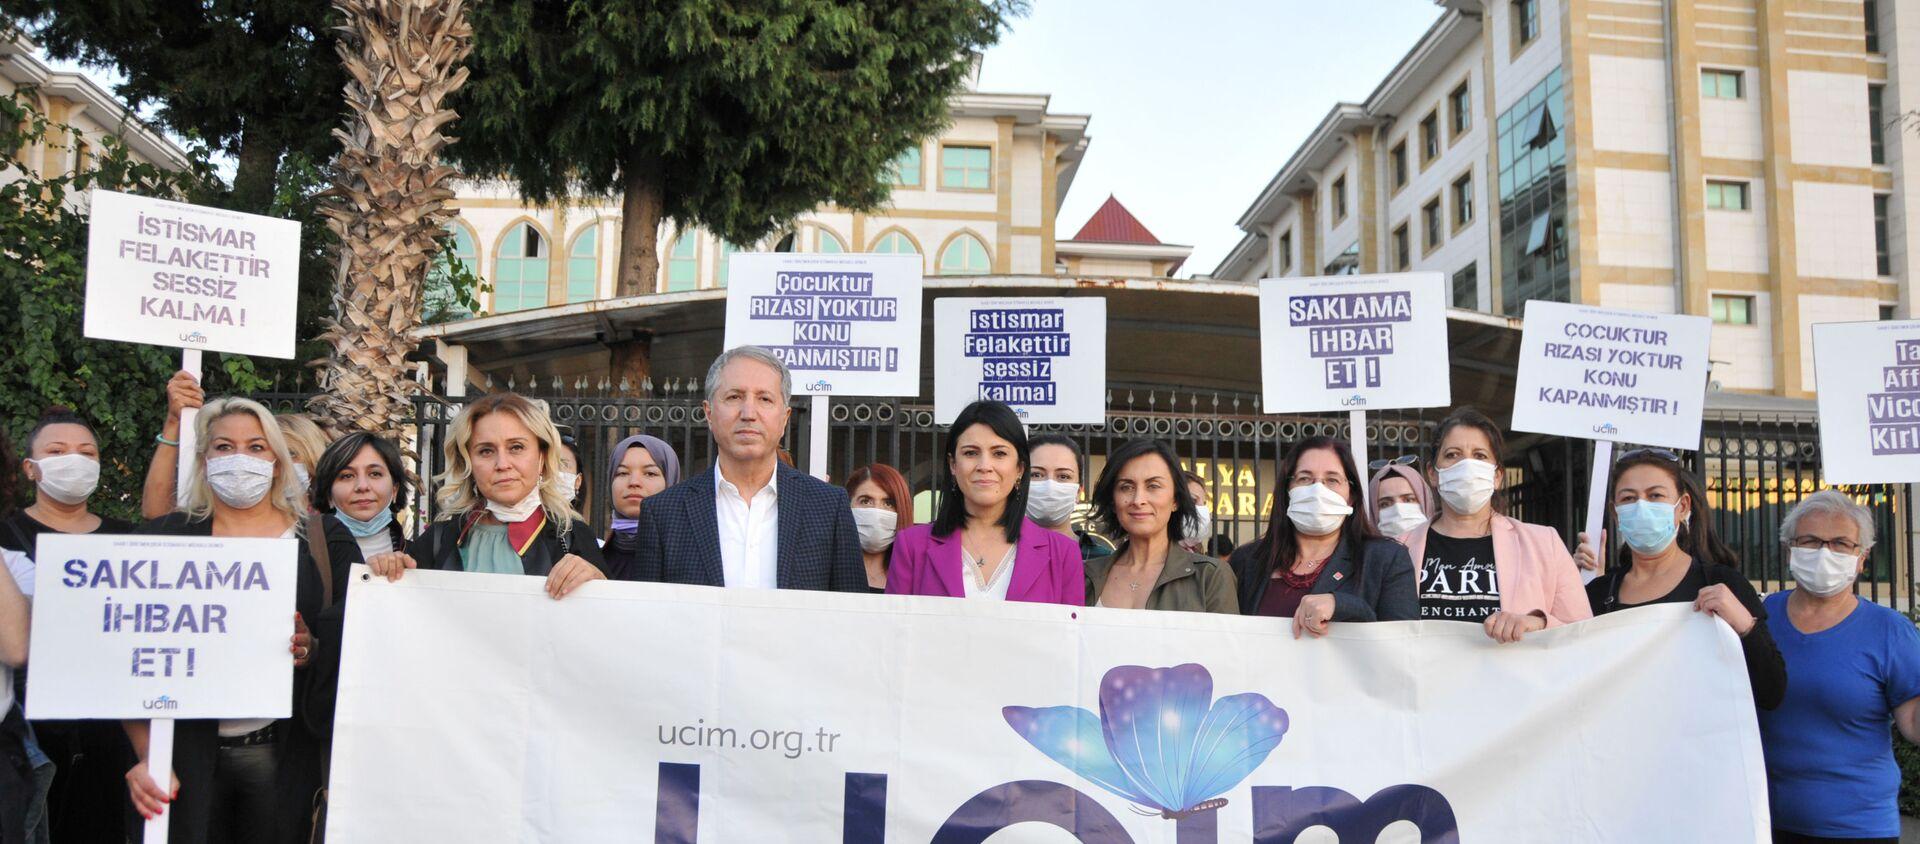 Antalya'da 26 öğrencisine cinsel istismarda bulunan öğretmen Mahmut Aydın Köksar 621 yıl hapis cezası aldı - Sputnik Türkiye, 1920, 11.11.2020